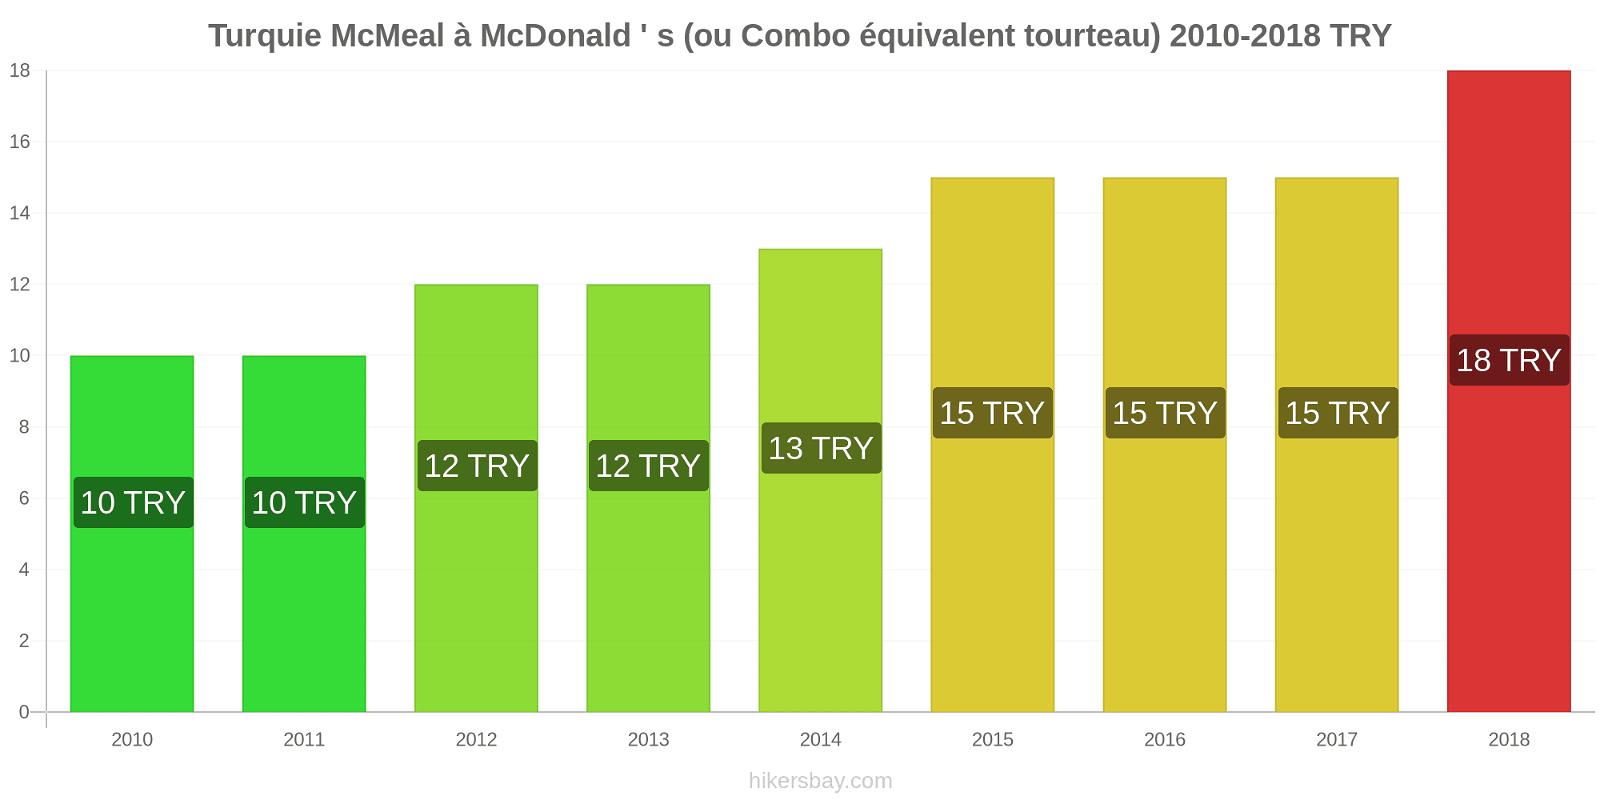 Turquie changements de prix McMeal à McDonald ' s (ou Combo équivalent tourteau) hikersbay.com